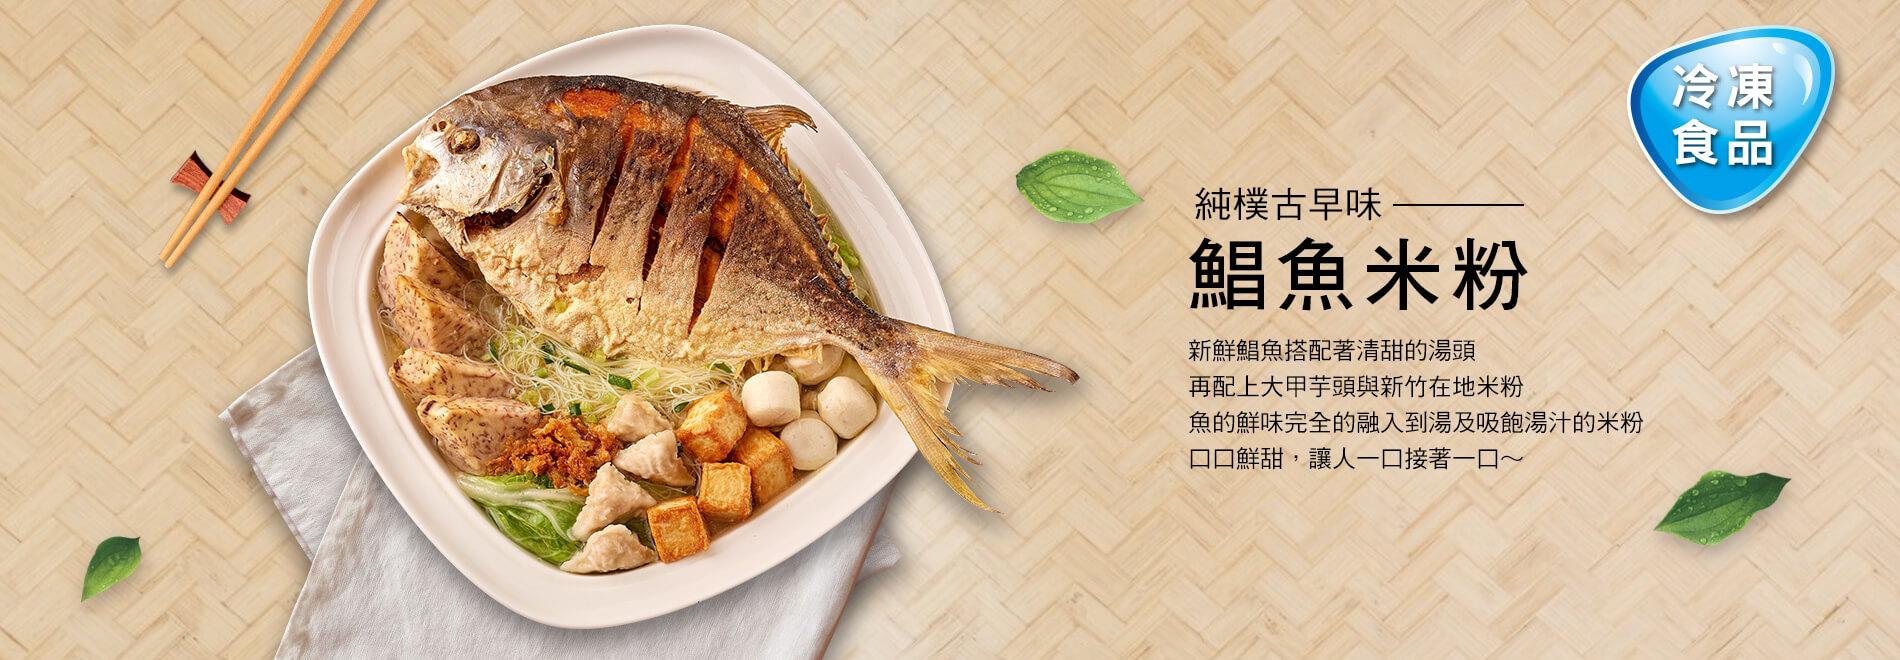 鯧魚米粉 ( 買就送翡翠海鮮羹 )